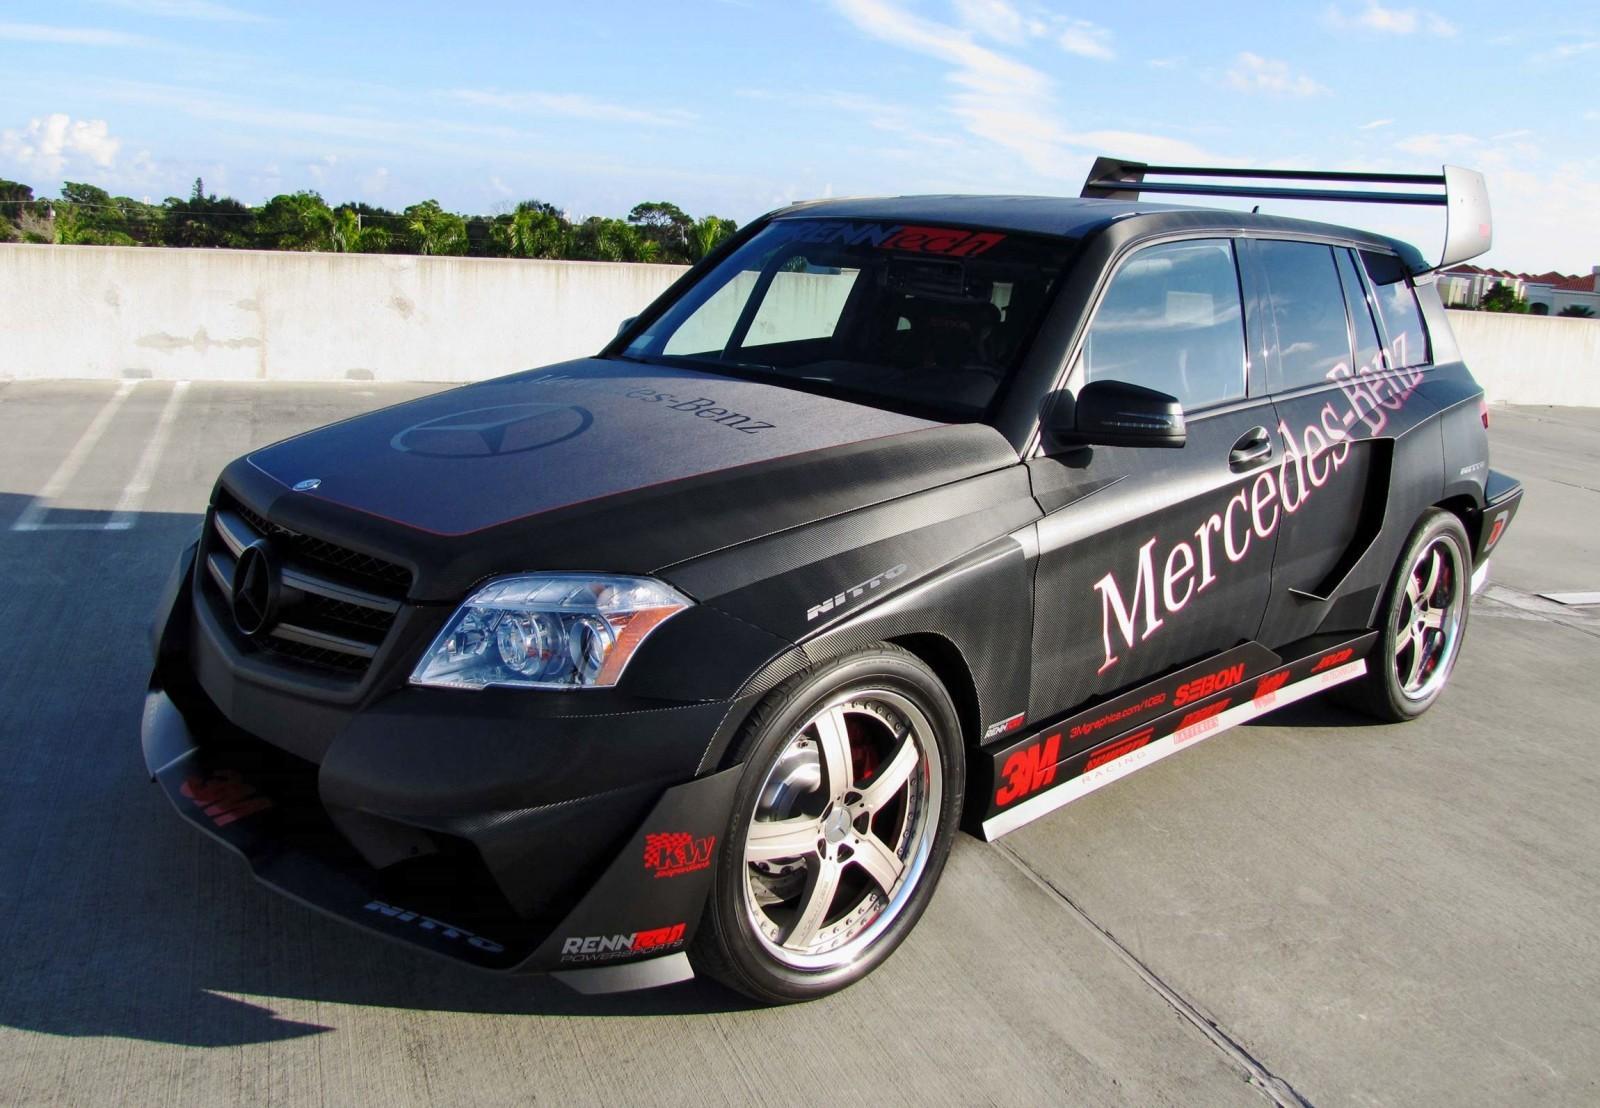 Renntech 2011 mercedes benz glk350 spec r hybrid pikes peak 19 for Mercedes benz accessories glk350